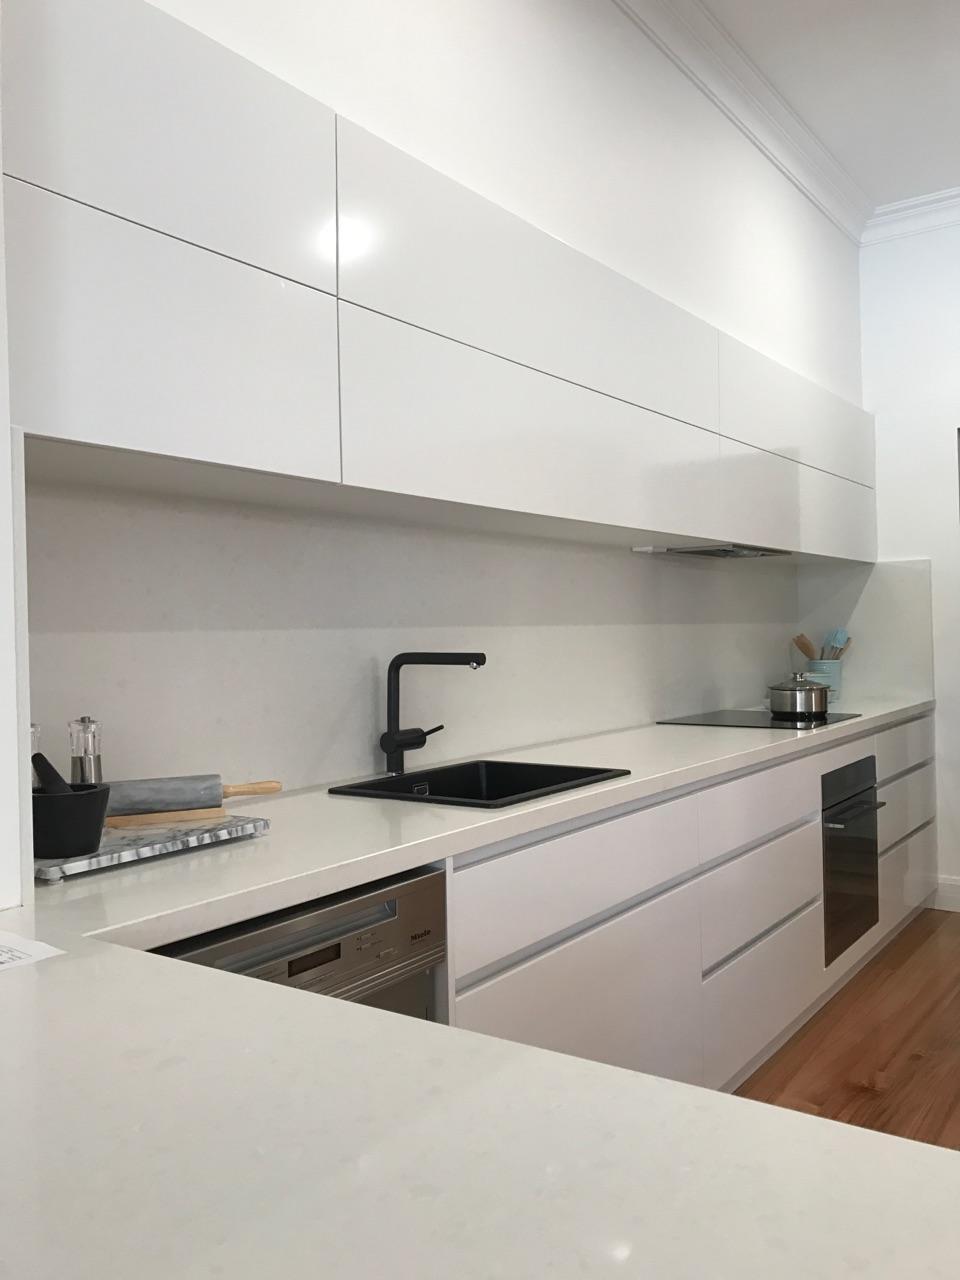 Balwyn - Contemporary White Kitchen